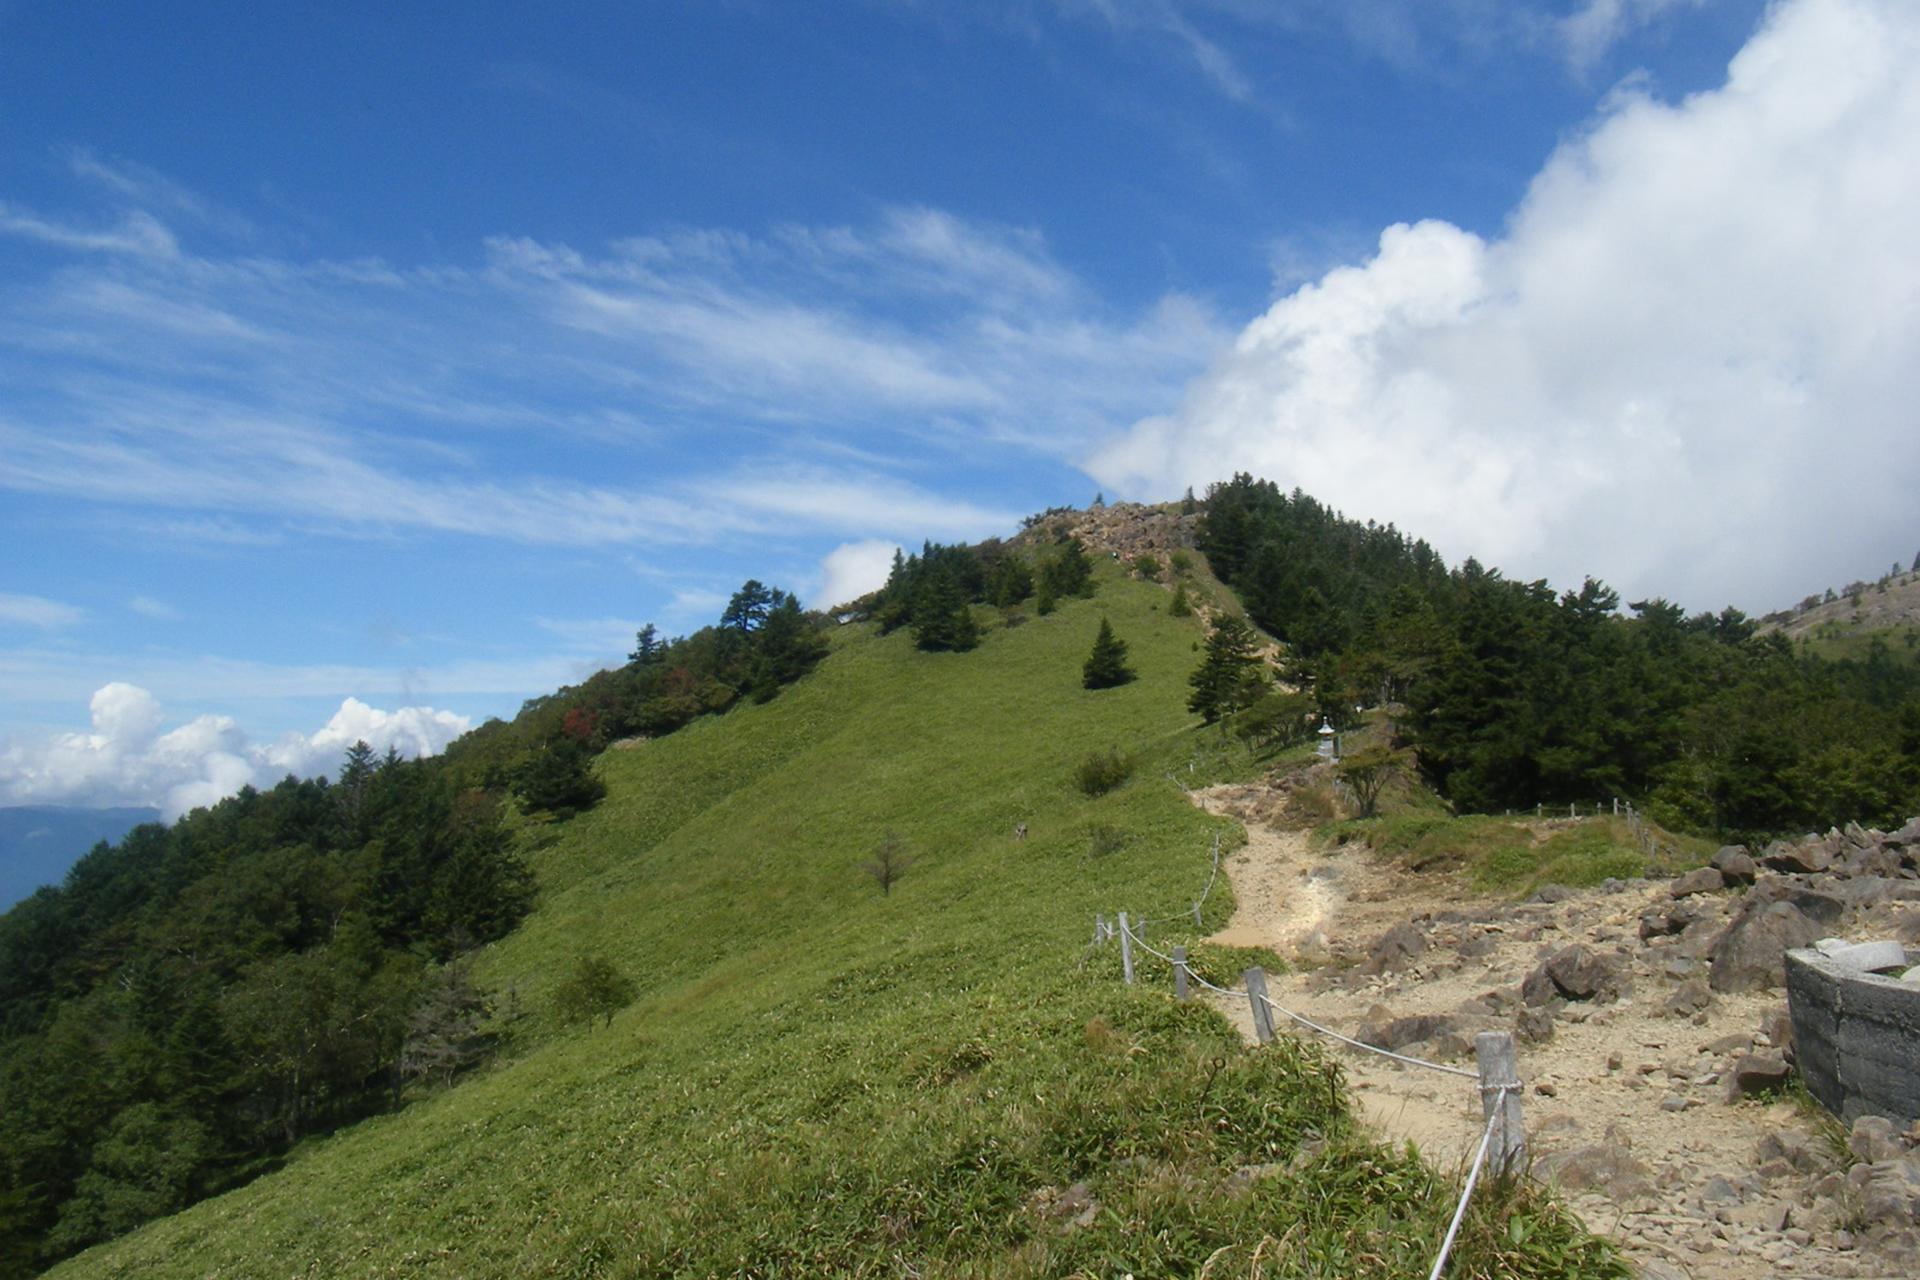 30 ビギナーにもおすすめ!日帰りでも楽しめる関東の絶景登山・ハイキングスポット10選